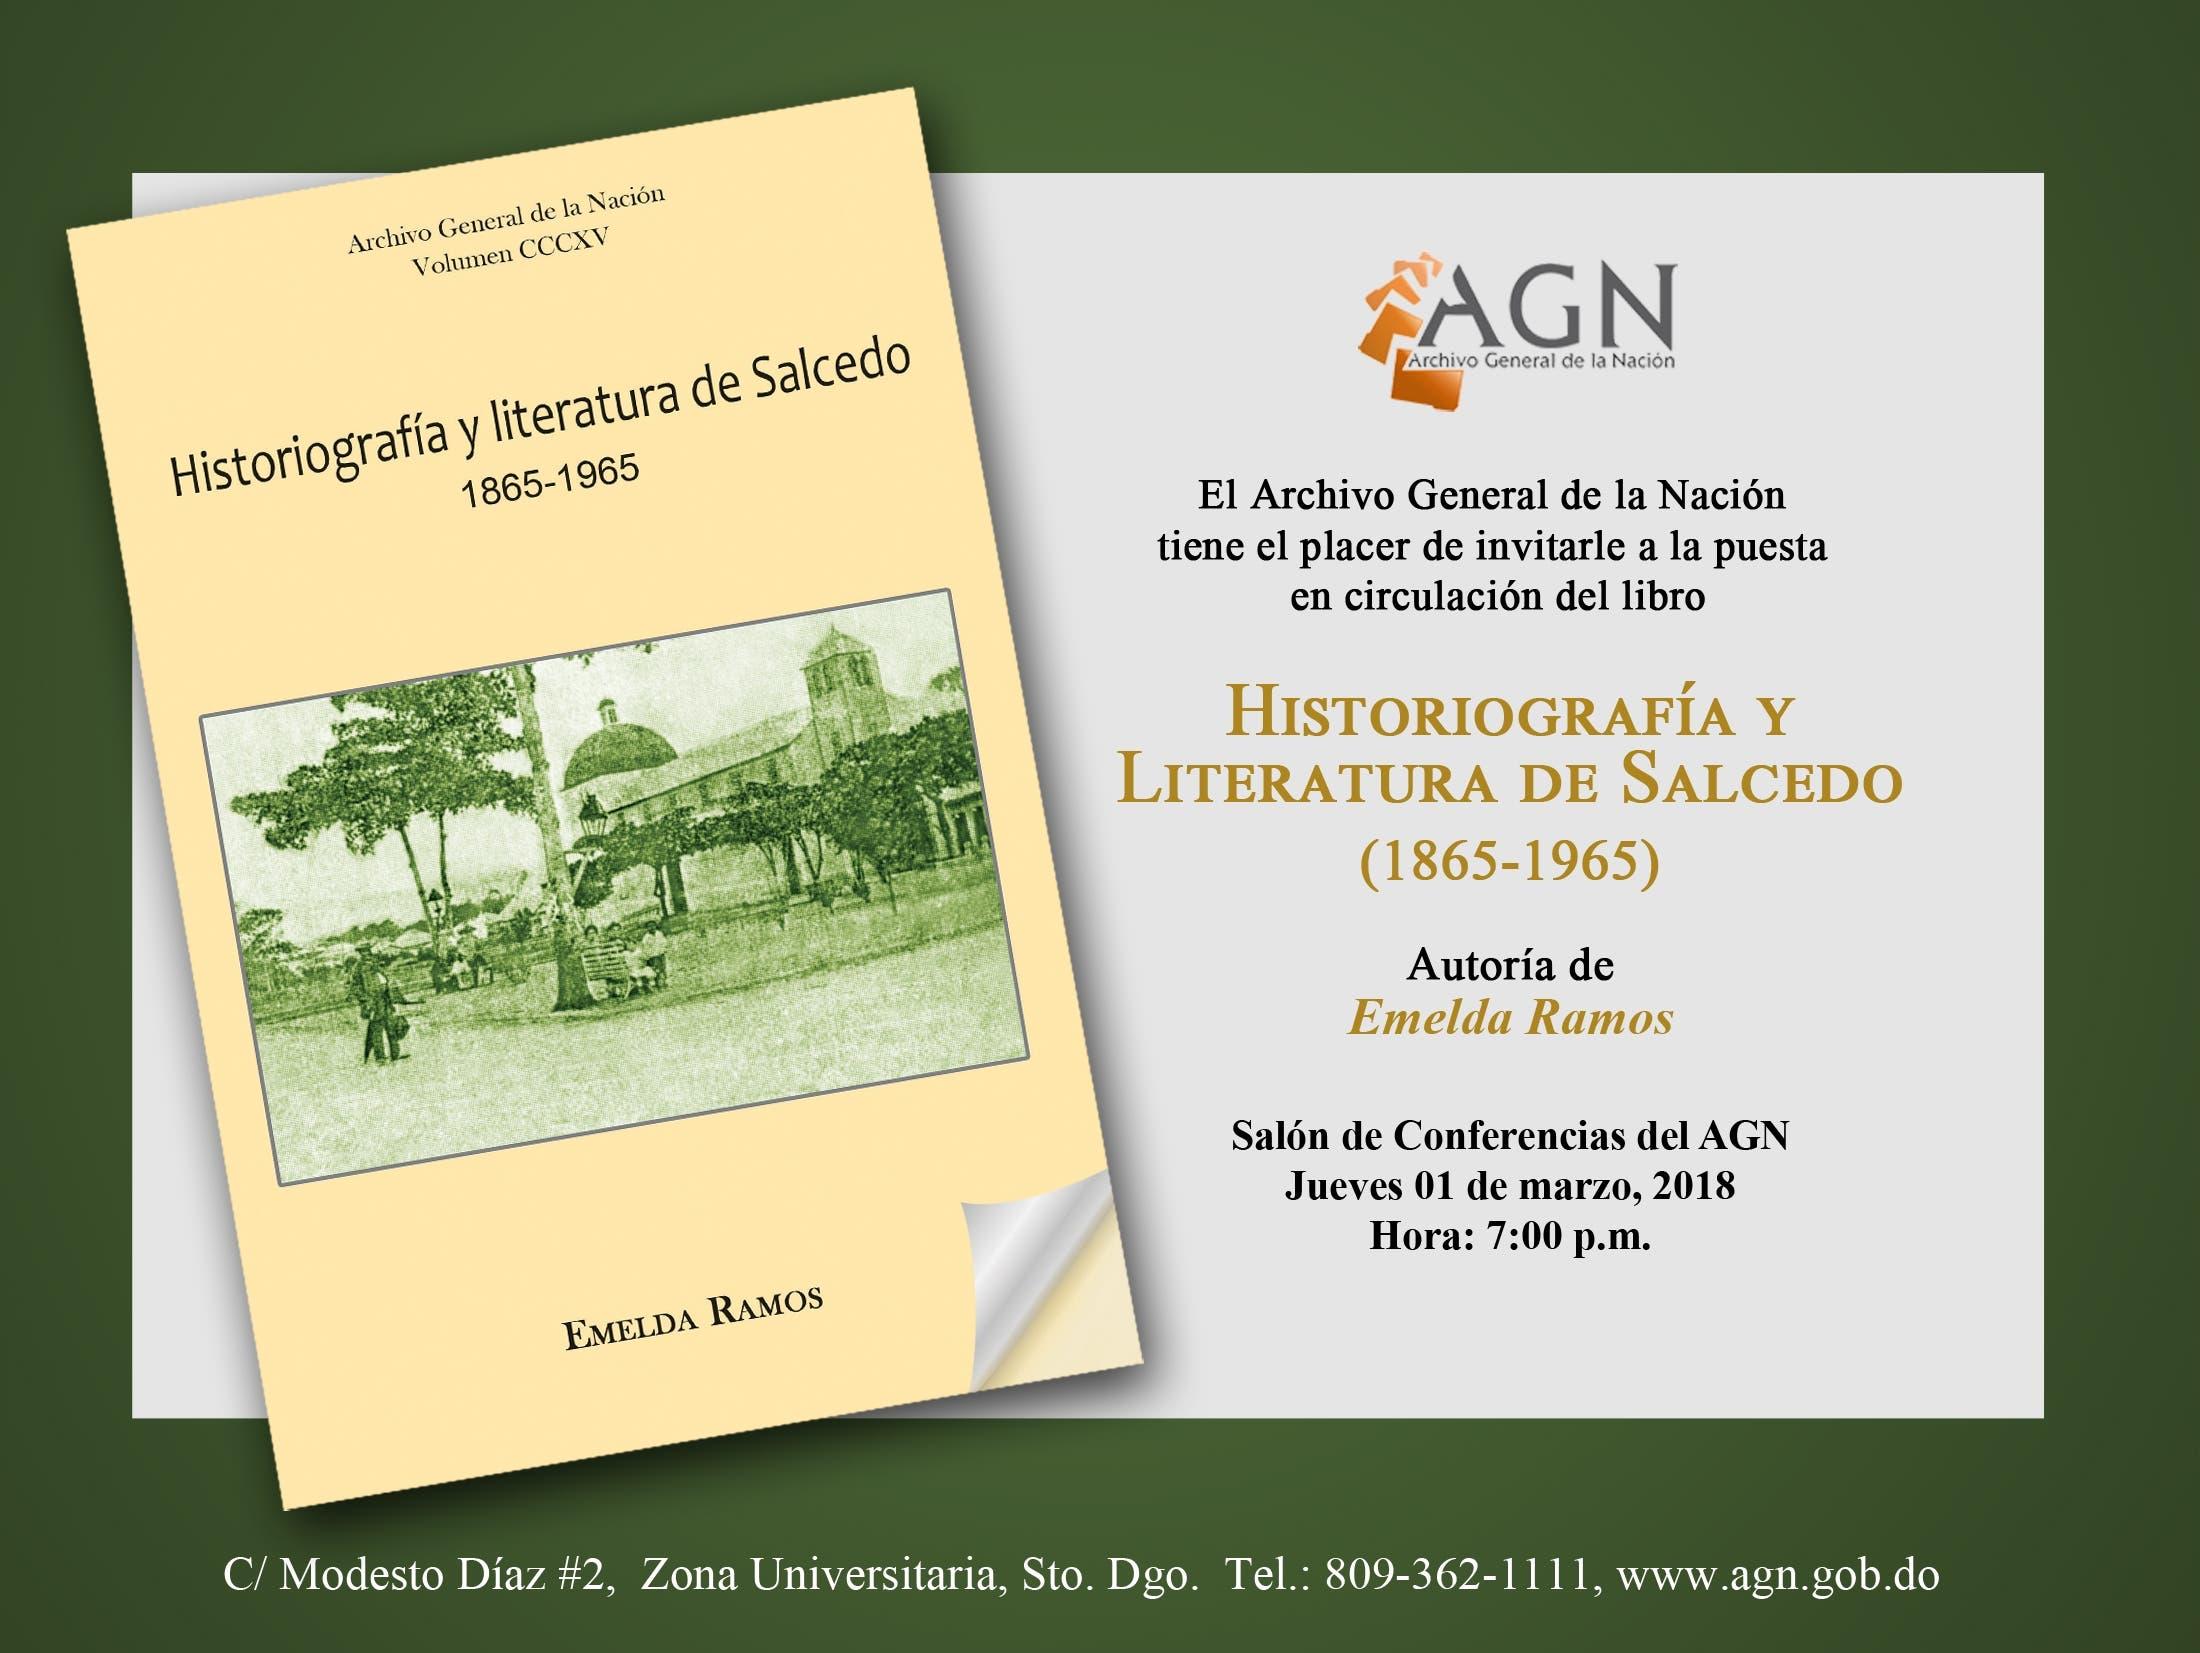 invitacion-historiografia-y-literatura